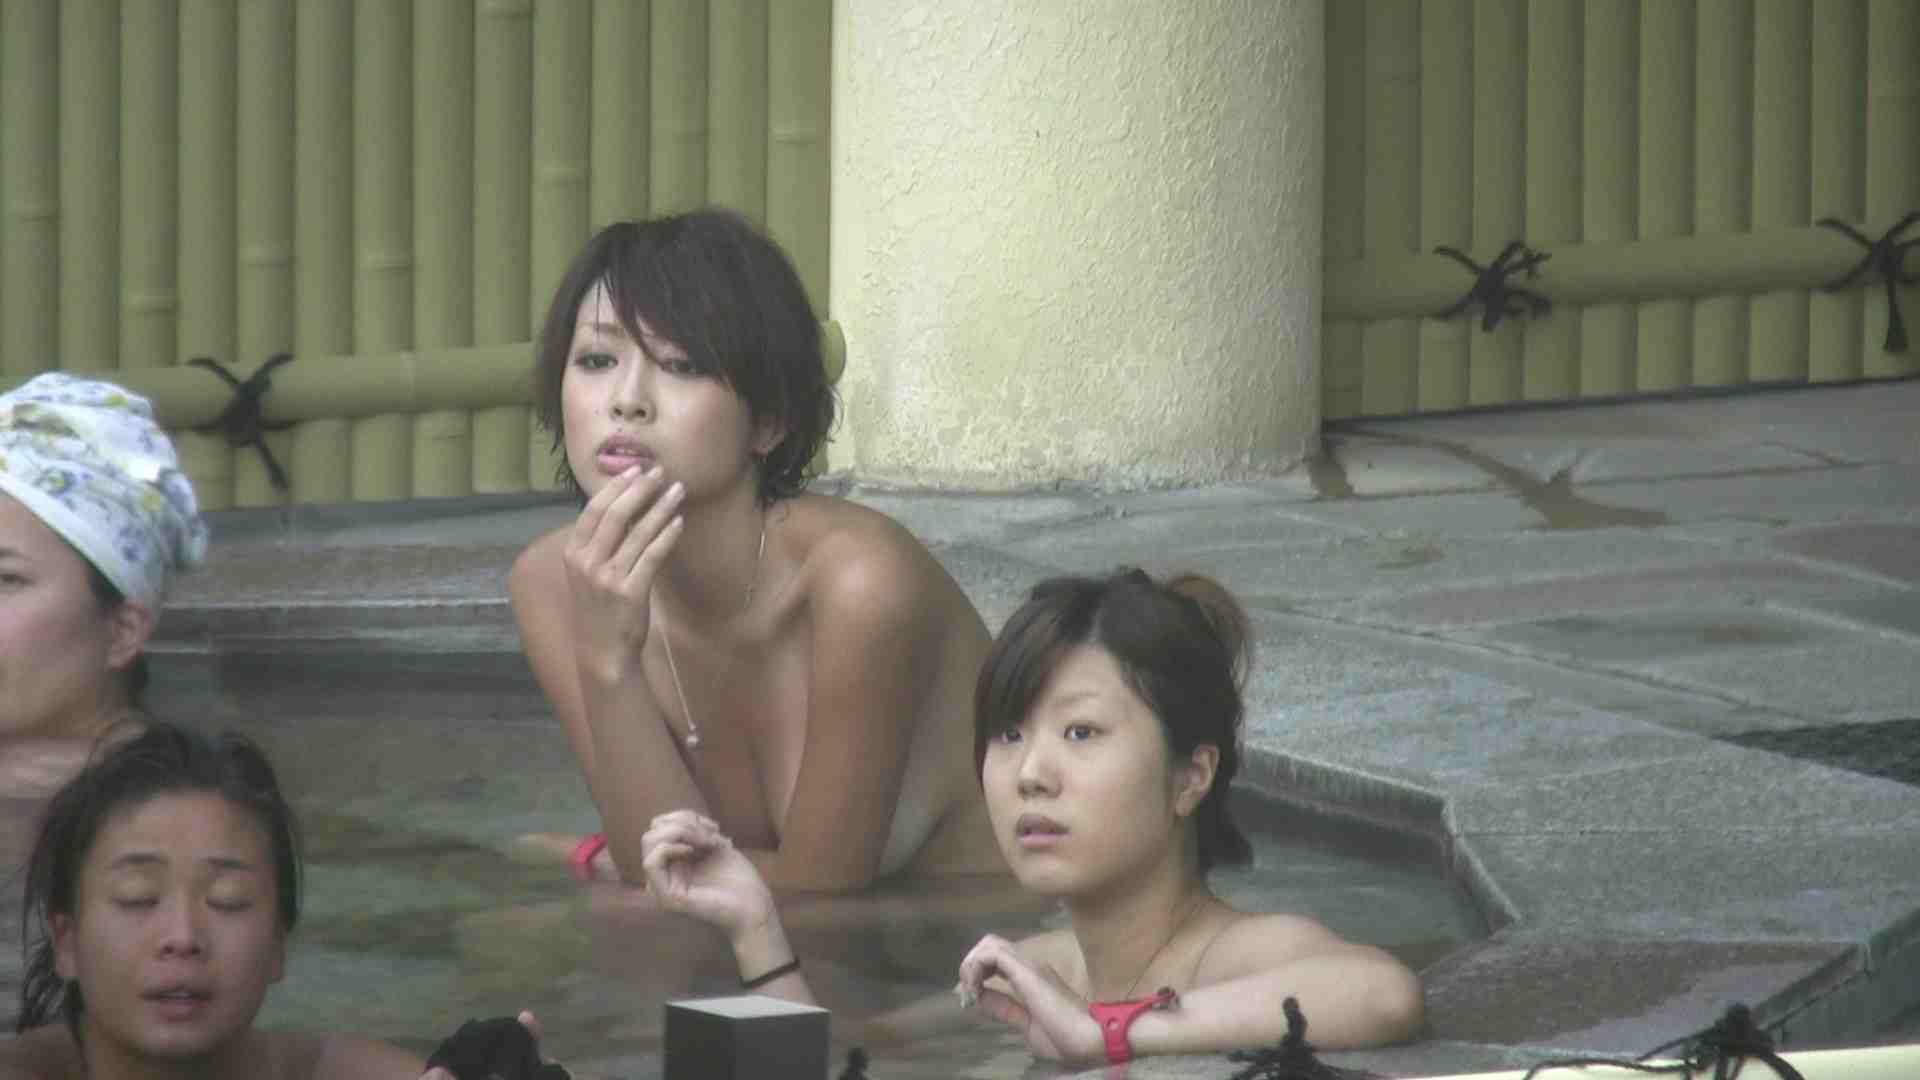 Aquaな露天風呂Vol.201 露天   盗撮  53pic 12